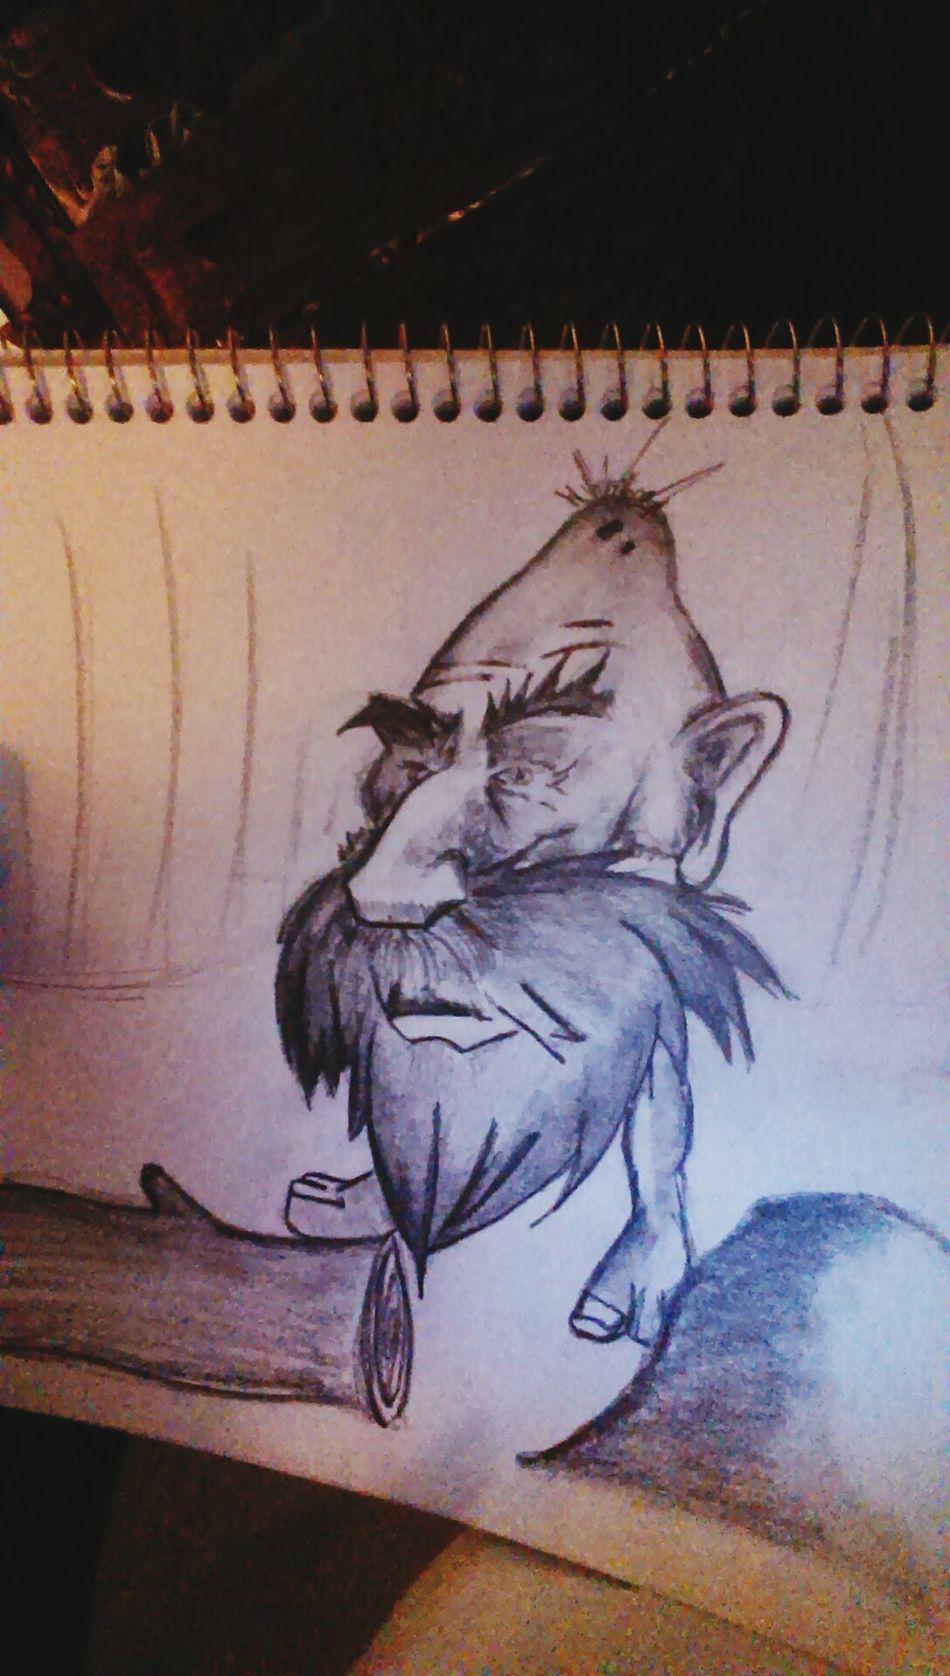 GnomeSayn 1 Hour Sketch Sketch